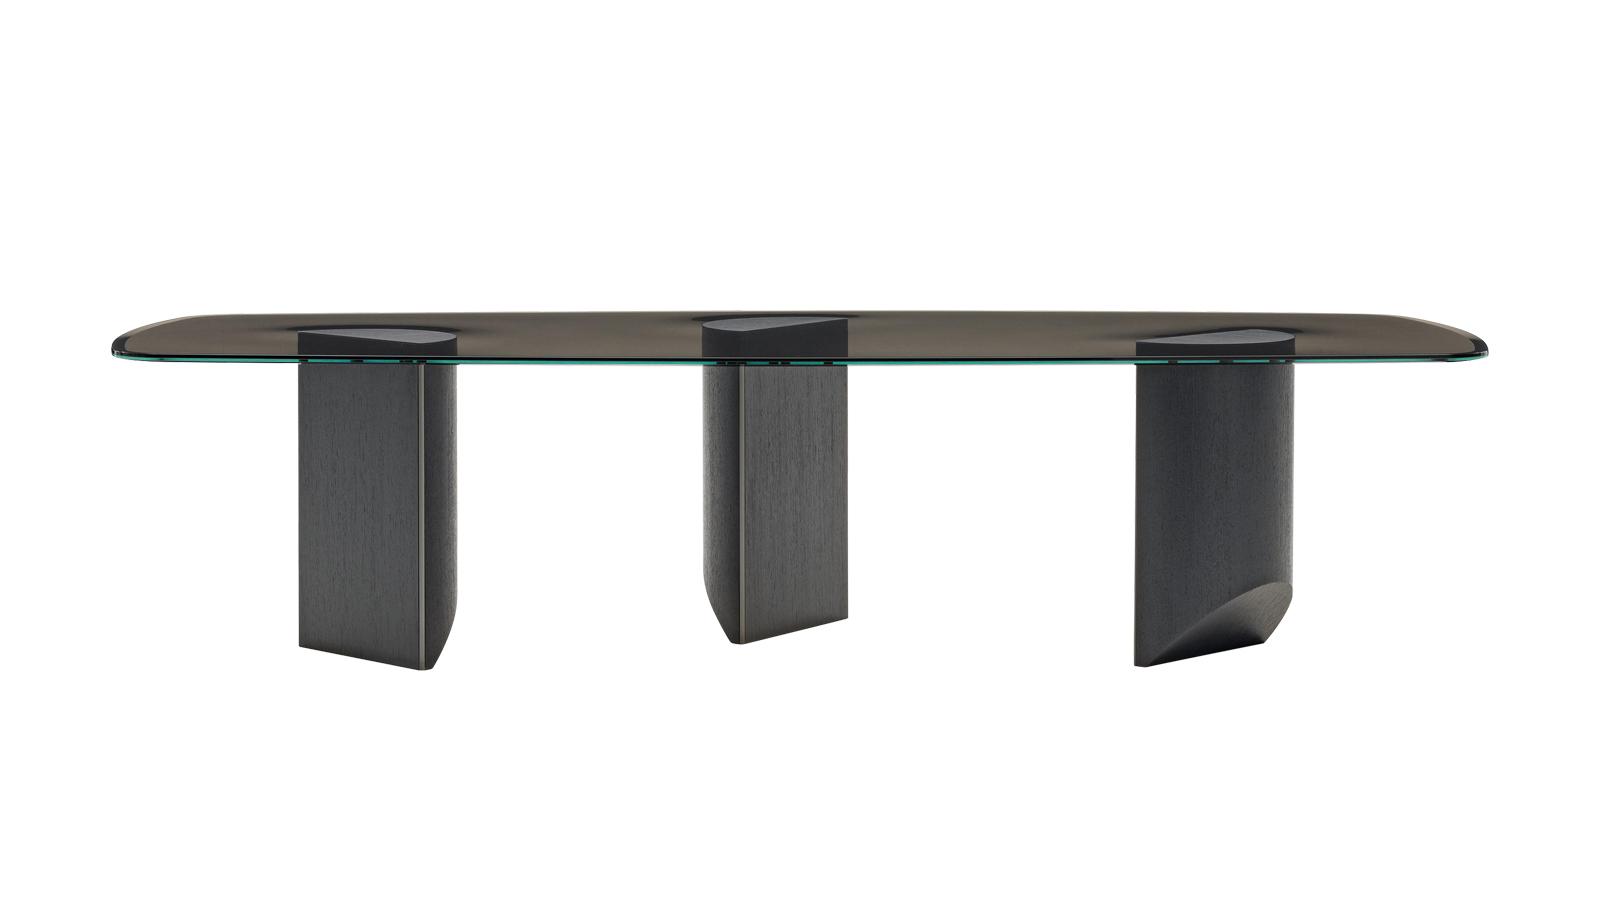 A Wedge félúton jár az expresszív grafikai stílus és a funkcionális asztal koncepciója között. Mintha lábujjhegyen állna: a padló felé elvékonyodó, geometrikus lábazatok aszimmetriáját az átlátszó üveg asztallap láttatja. Az innovatív asztal több változatban is elérhető.